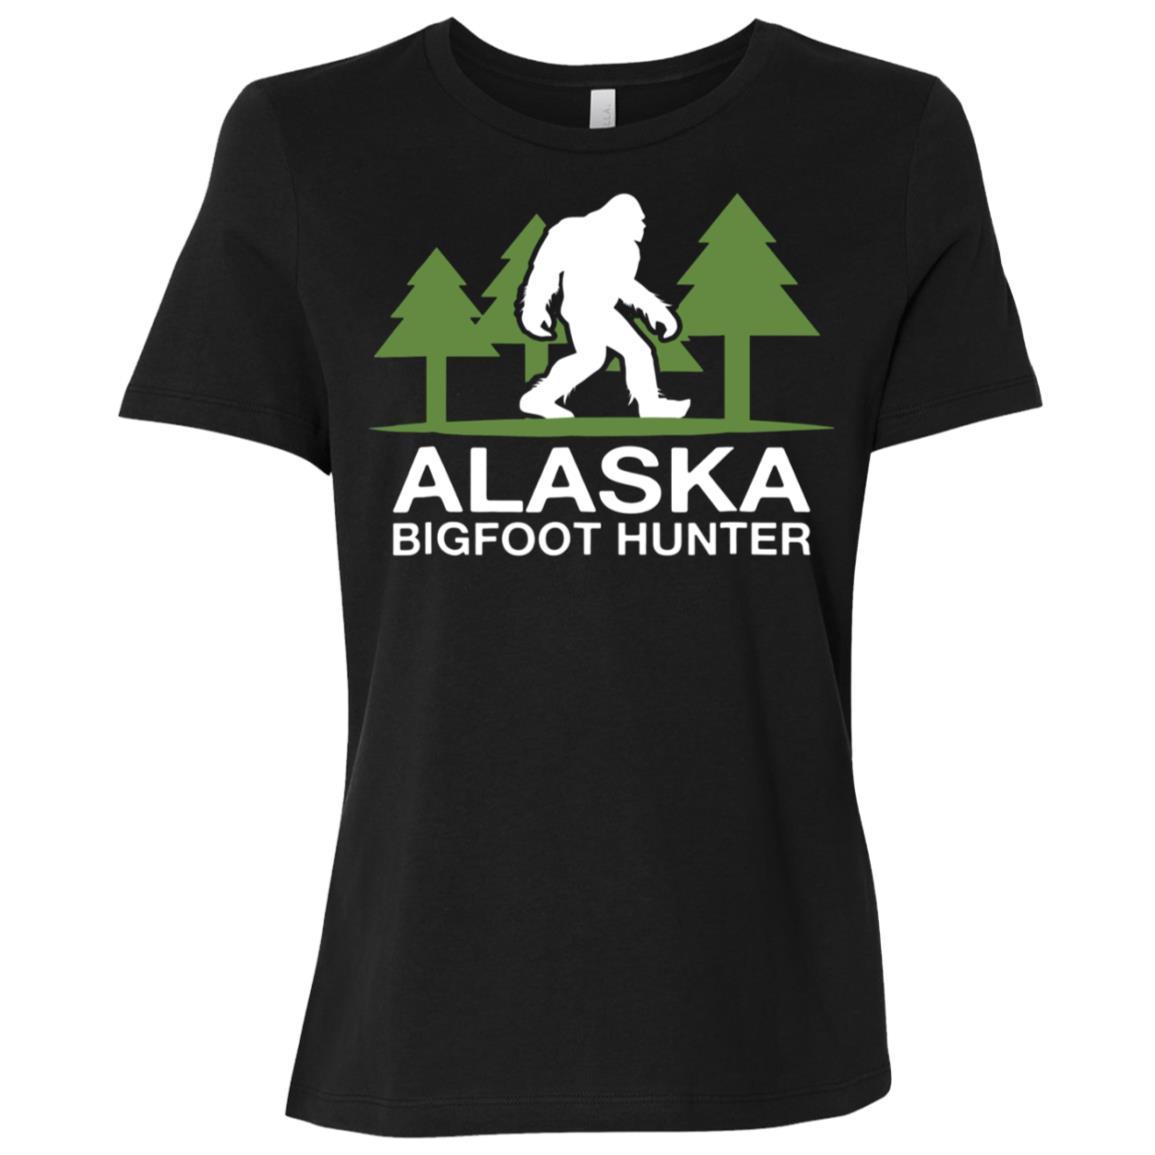 Alaska Bigfoot Hunter Funny Sasquatch Women Short Sleeve T-Shirt